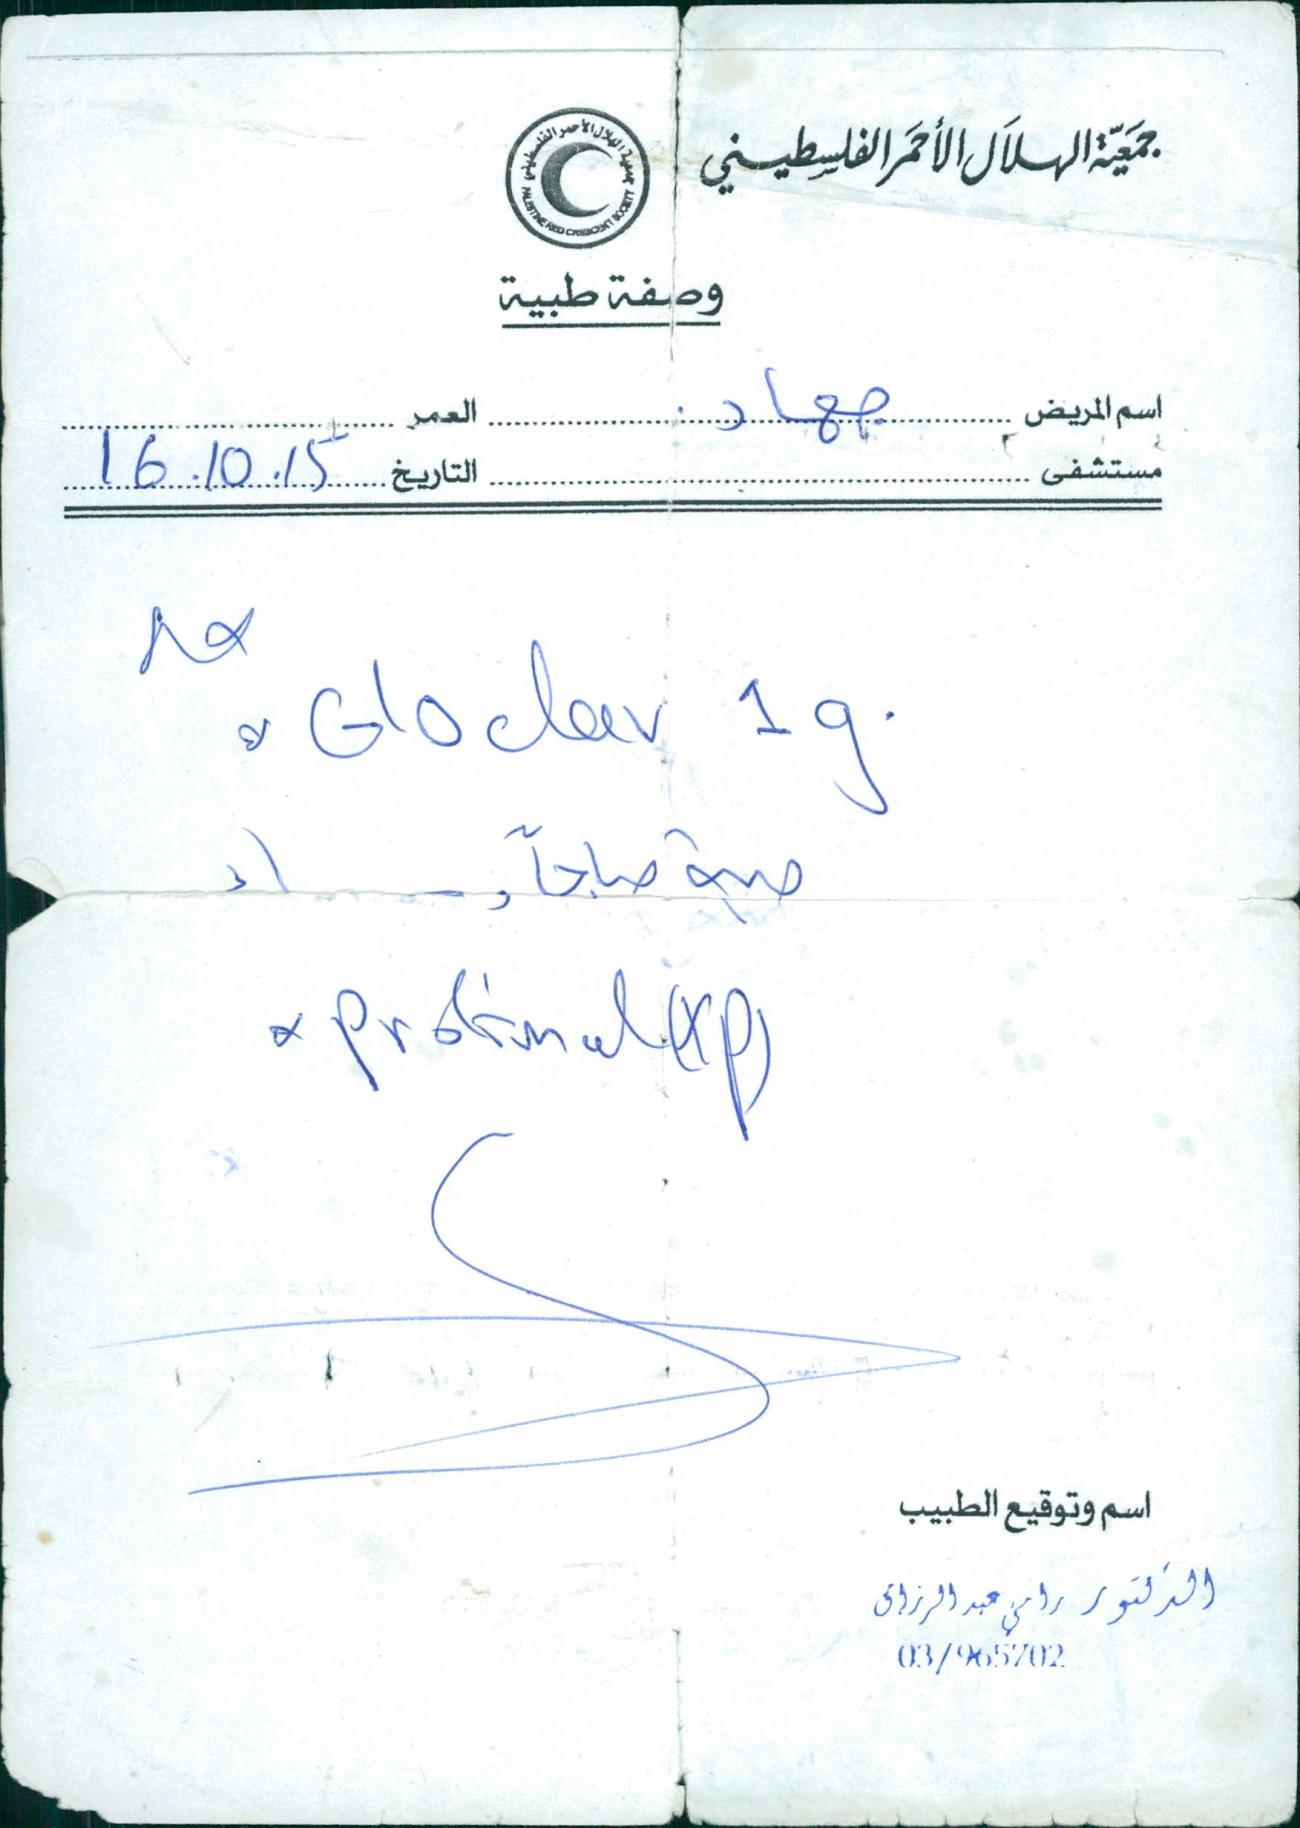 وصفة طبية Khazaaen